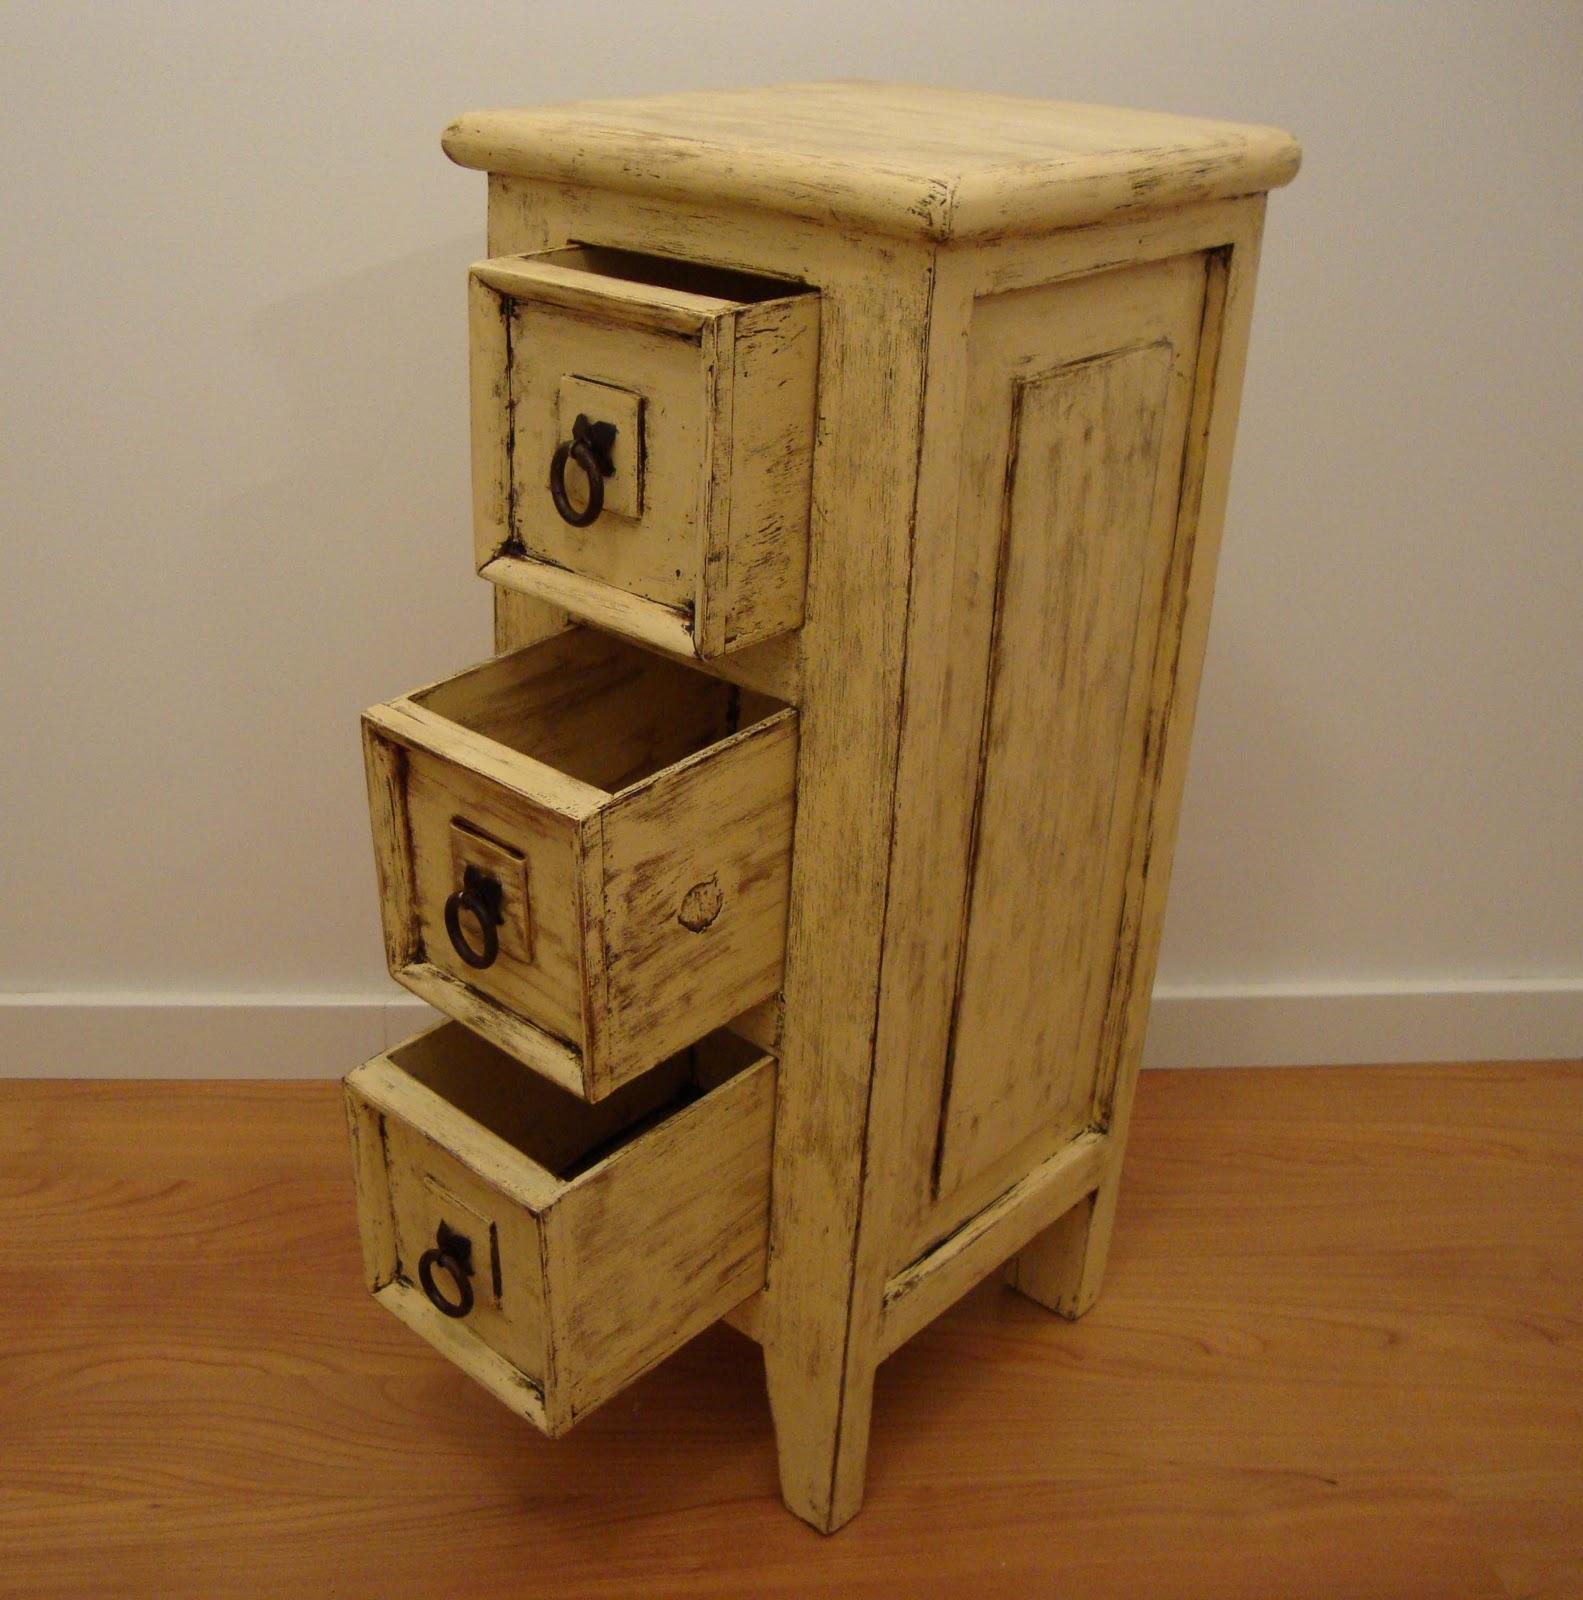 Renovarte muebles mesilla de noche - Muebles de noche ...